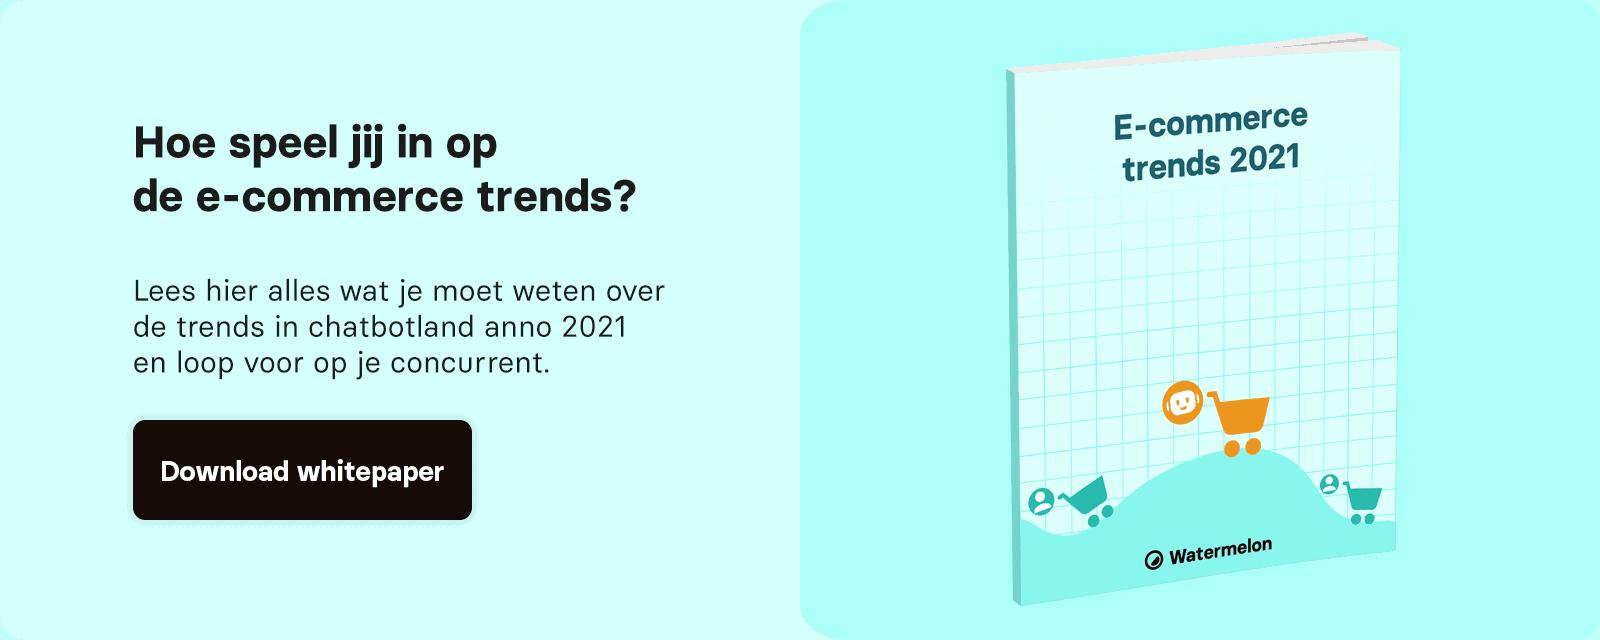 Whitepaper e-commerce trends 2021